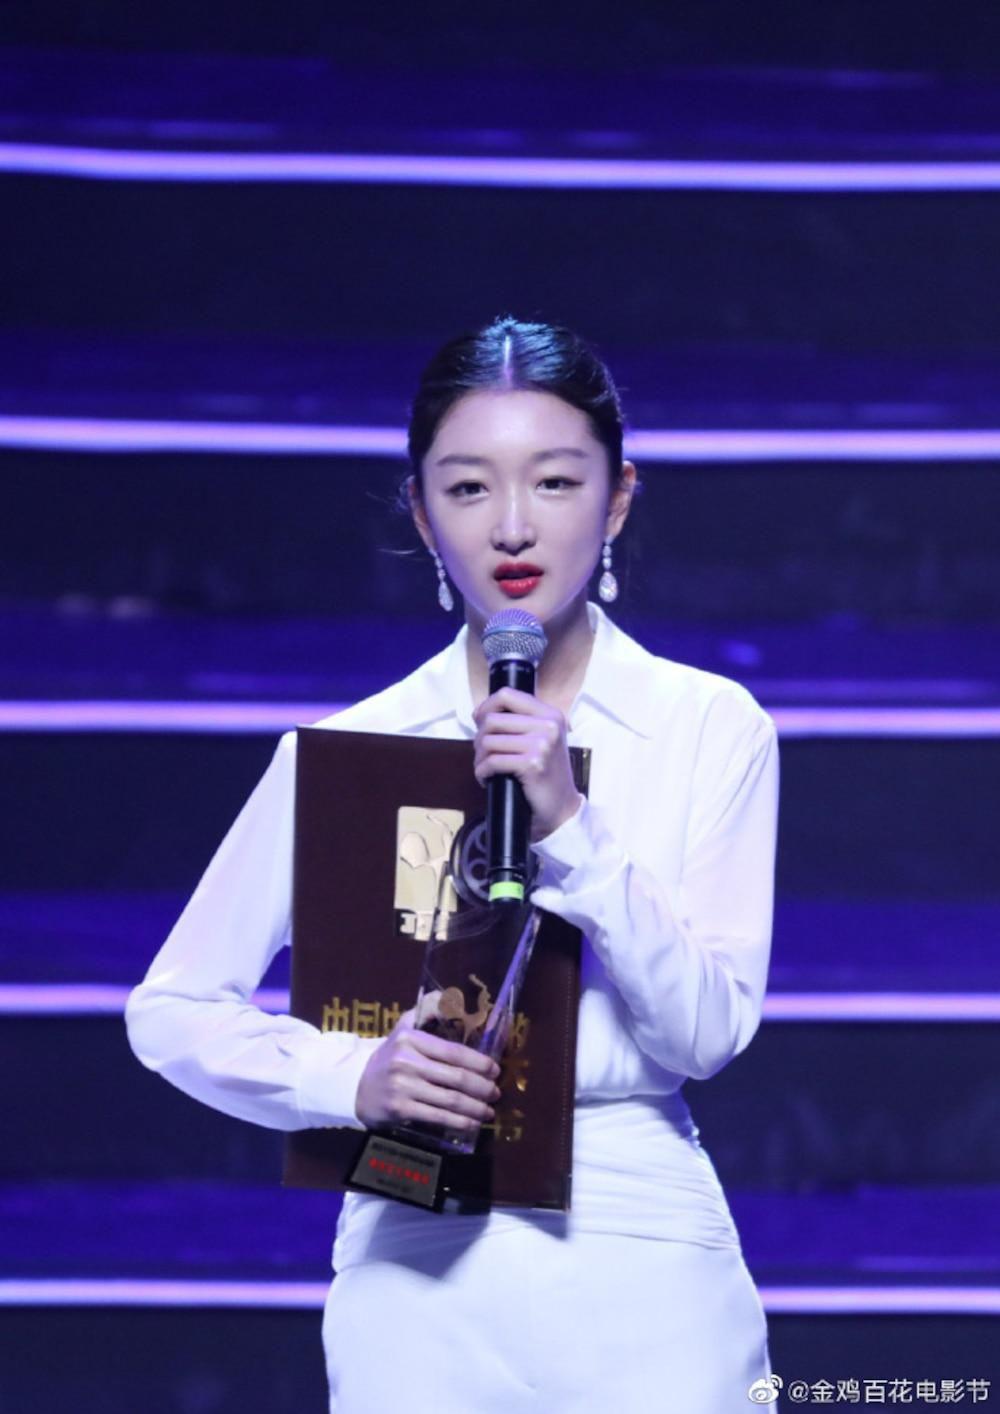 Dịch Dương Thiên Tỉ - Châu Đông Vũ cùng nhận thưởng đề cử, Huỳnh Hiểu Minh phát biểu gây chú ý Ảnh 17